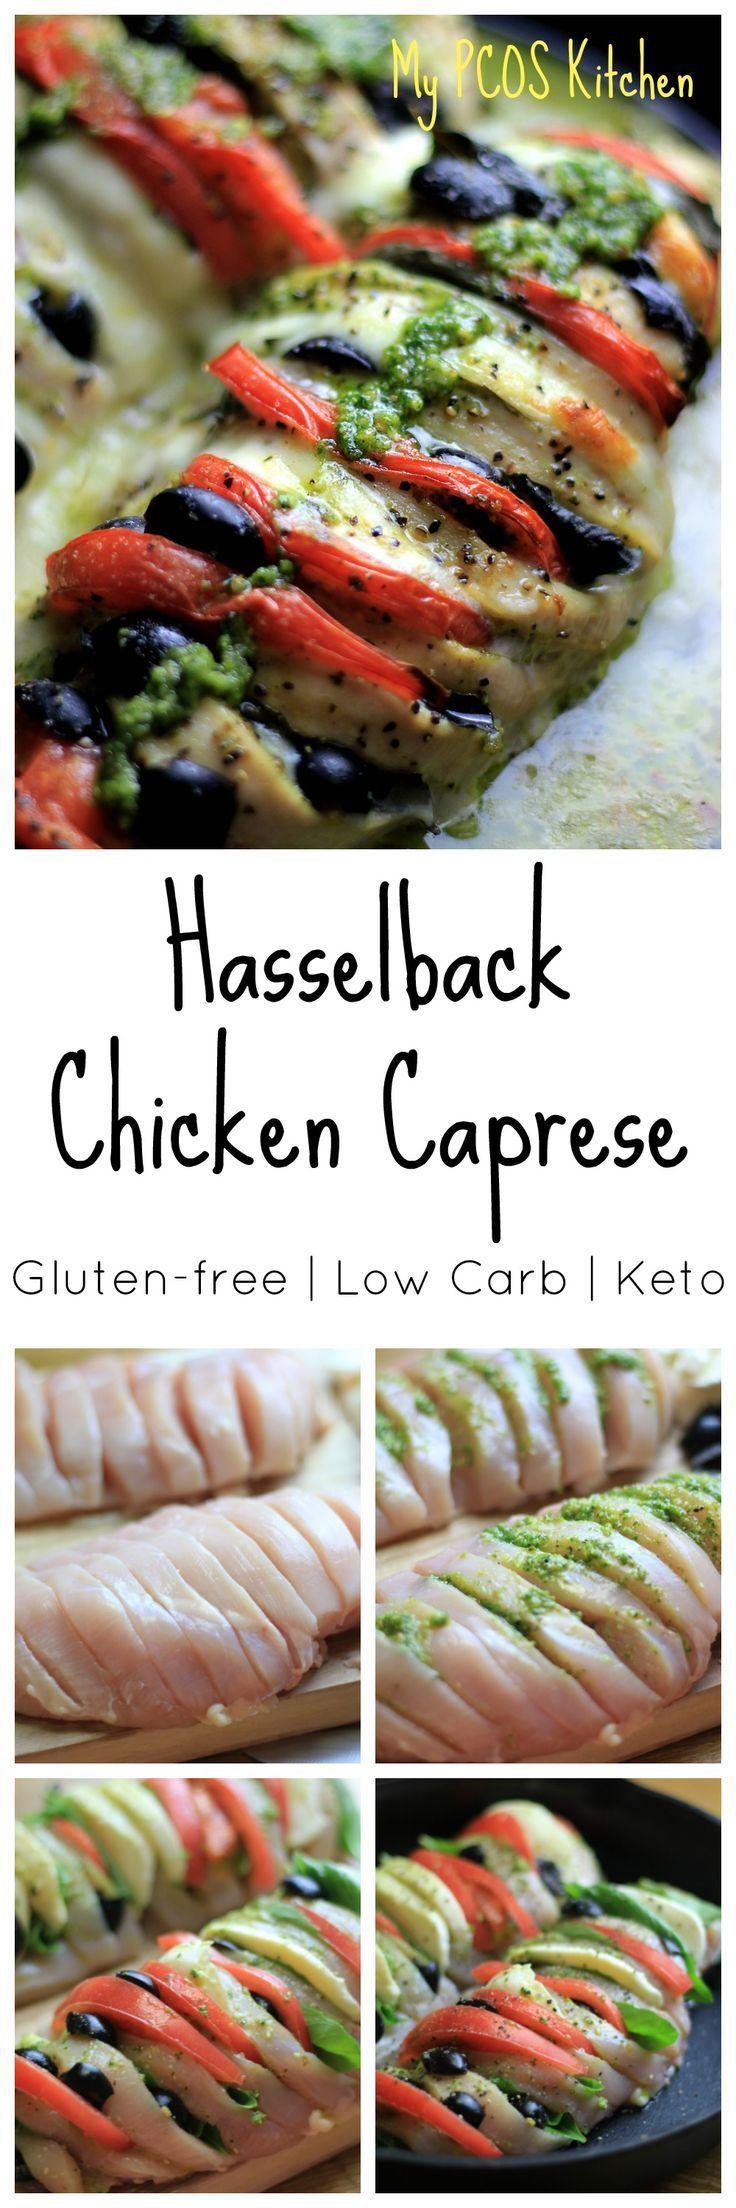 381 best Low Carb Casseroles images on Pinterest | Keto casserole ...